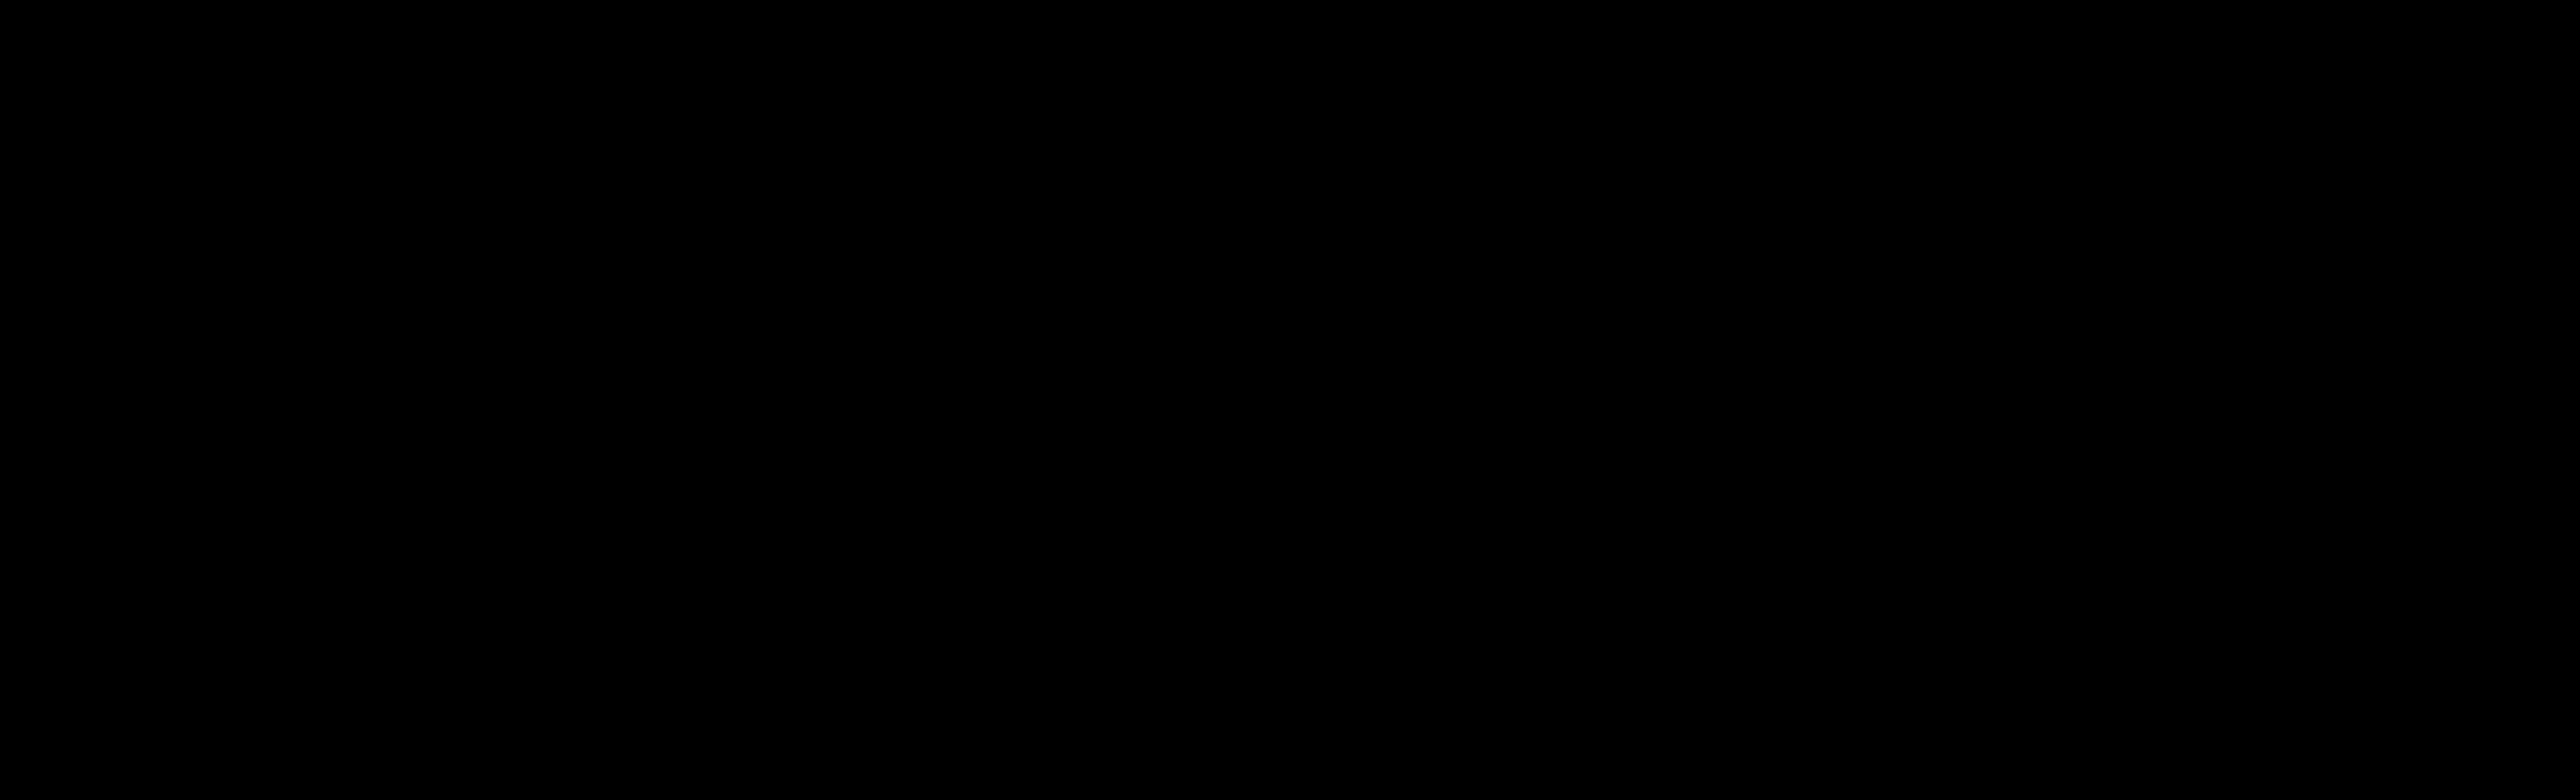 Embu Hills Tea Logo schwarz